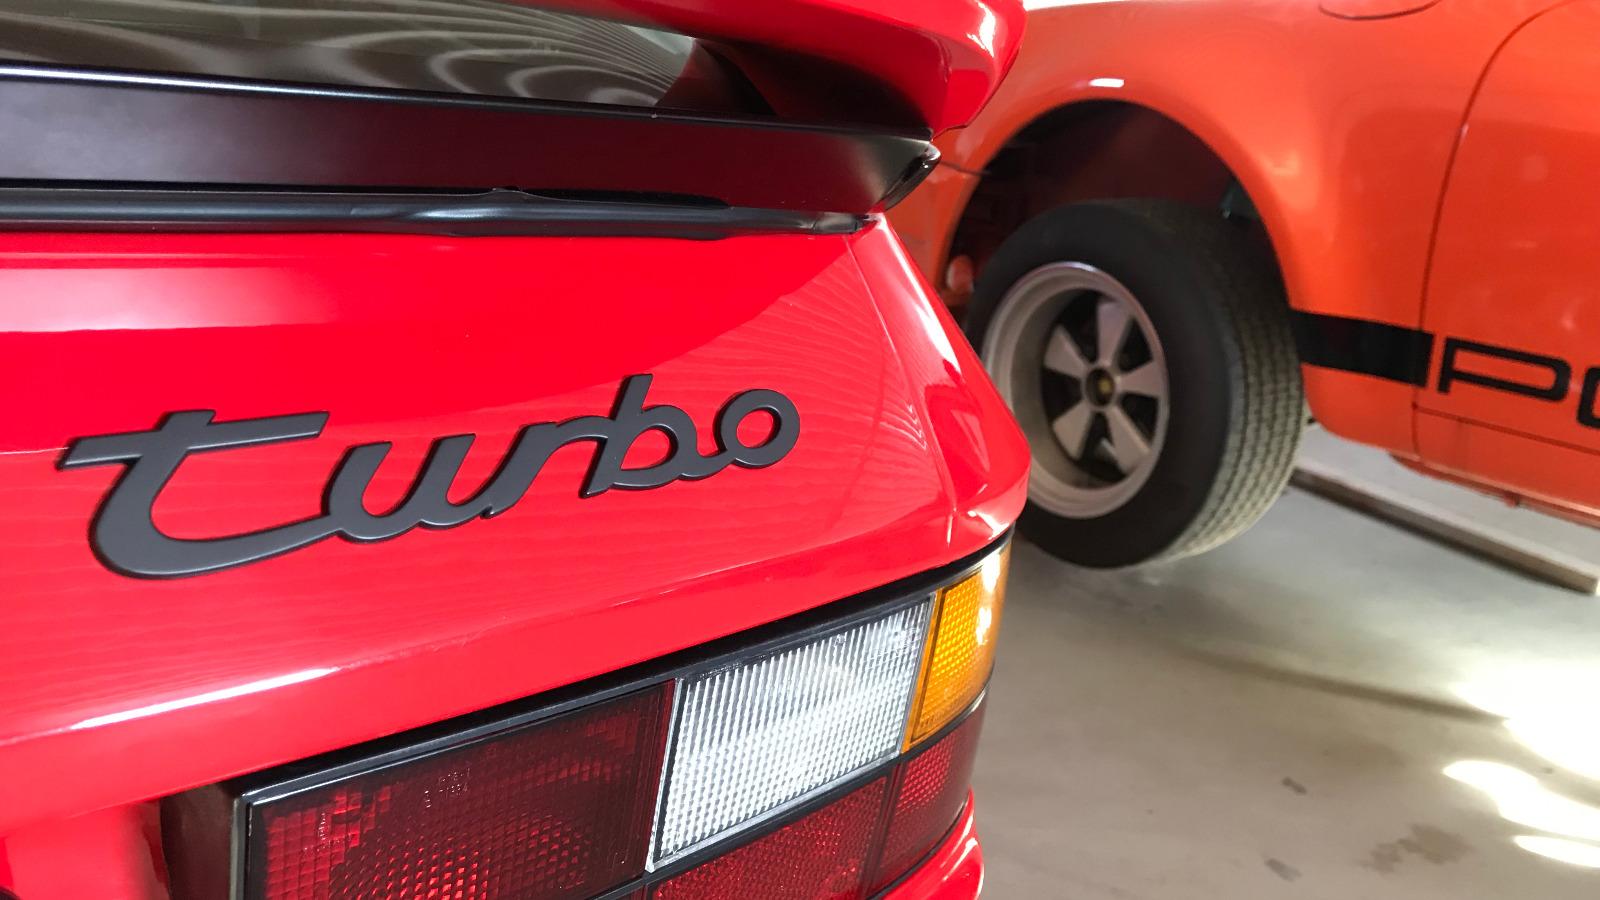 Bilen er ombygd fra S til Turbo